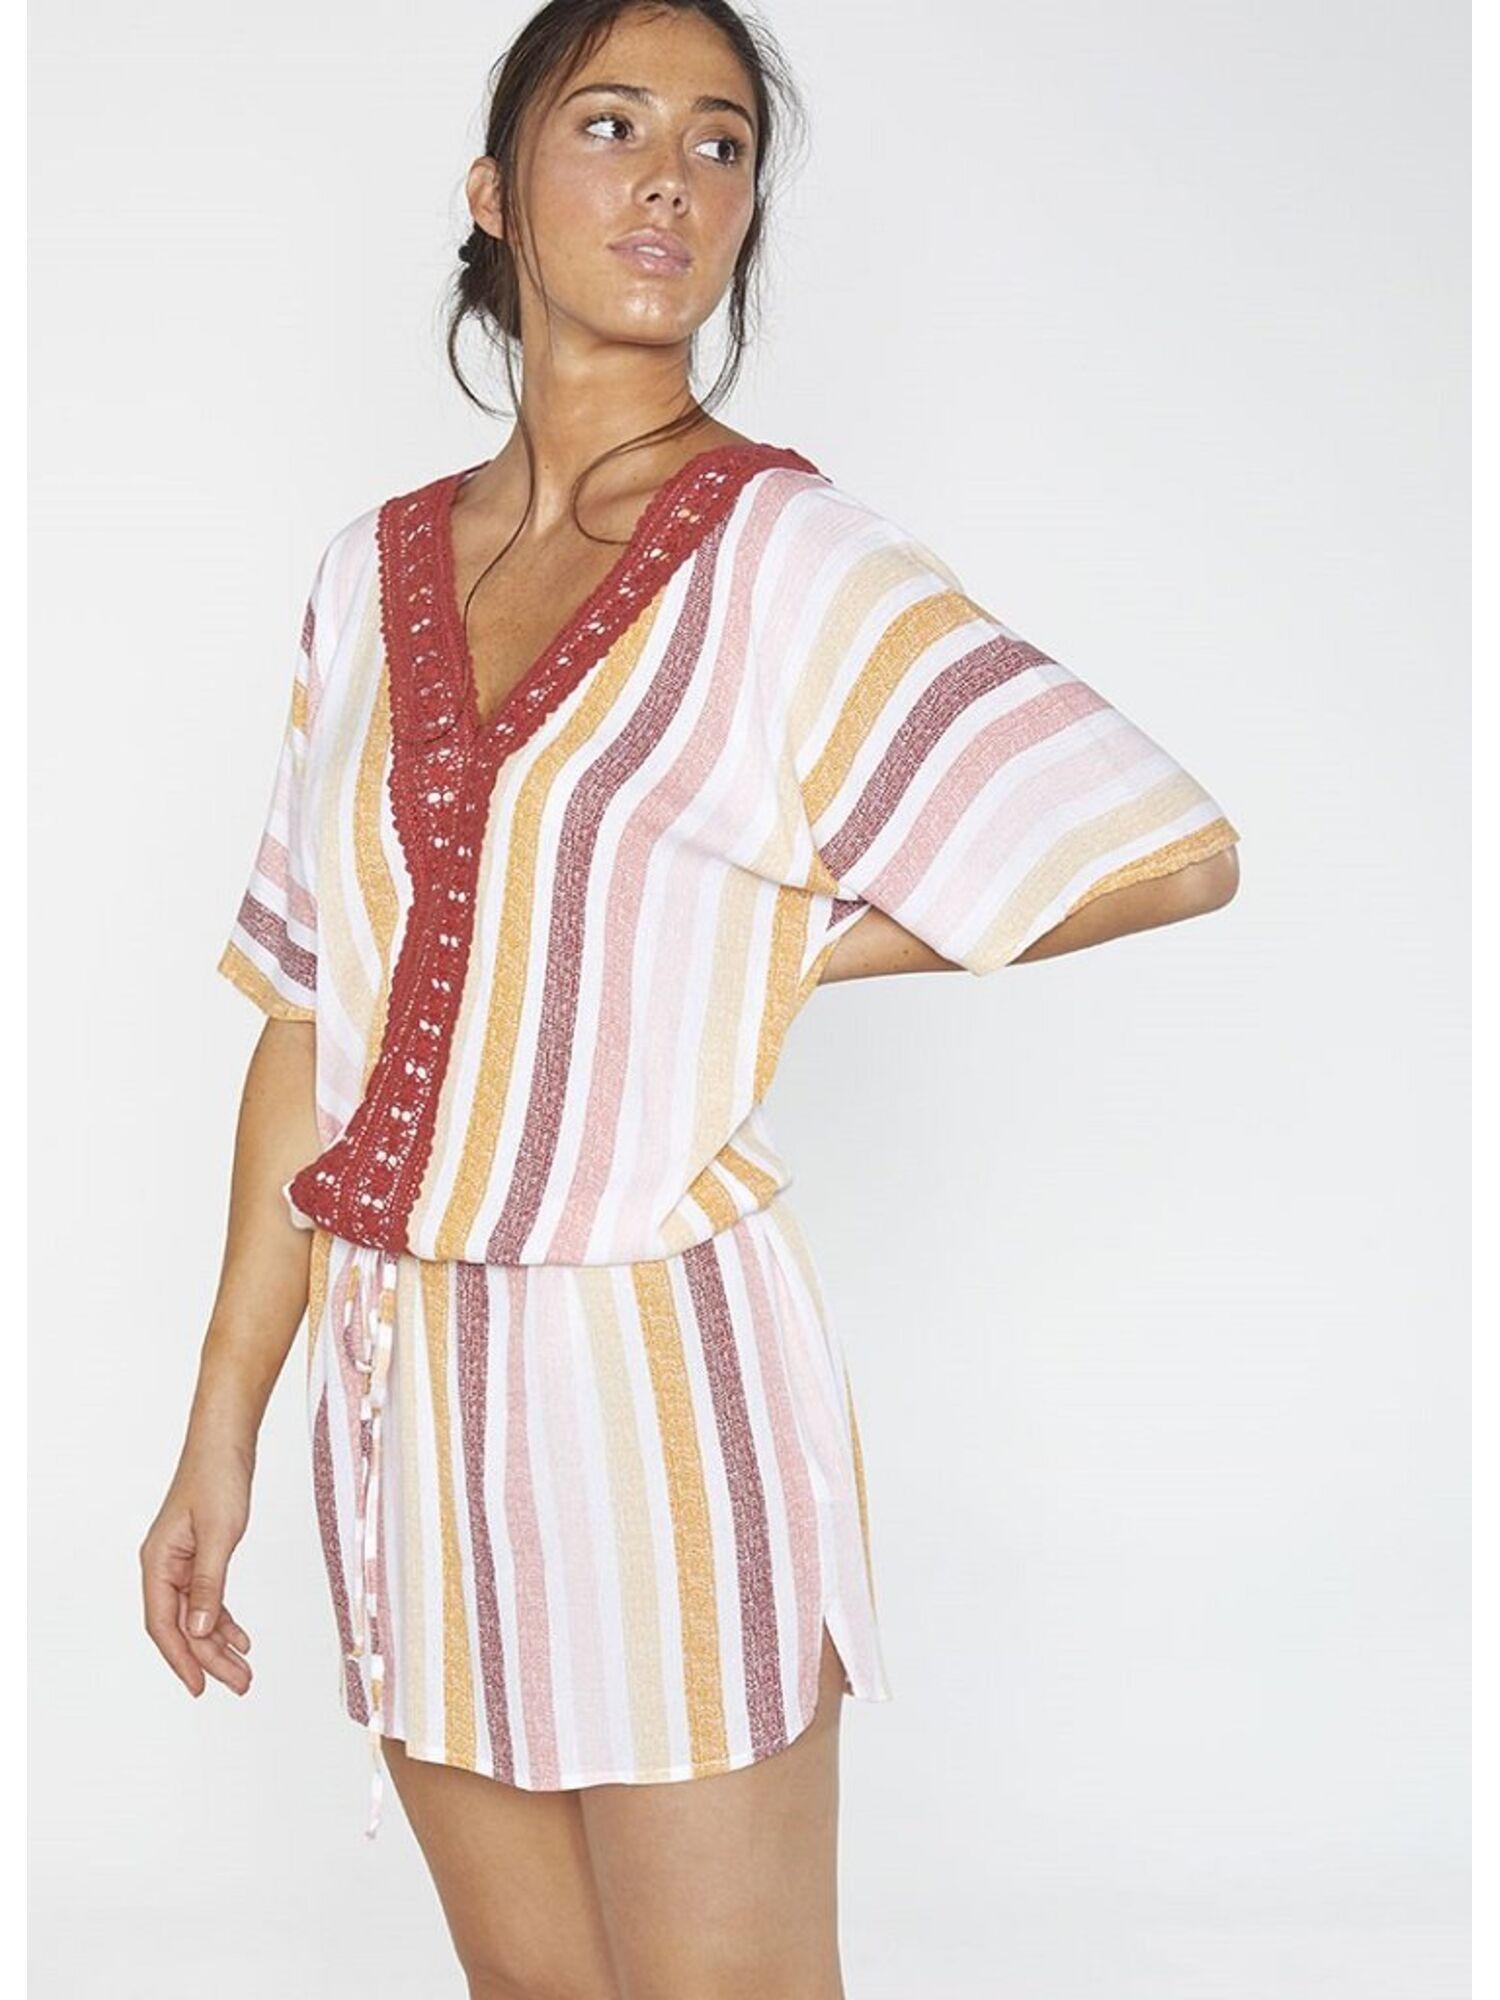 Женское платье пляжное из вискозы 85712 мульти, Ysabel Mora (Испания)